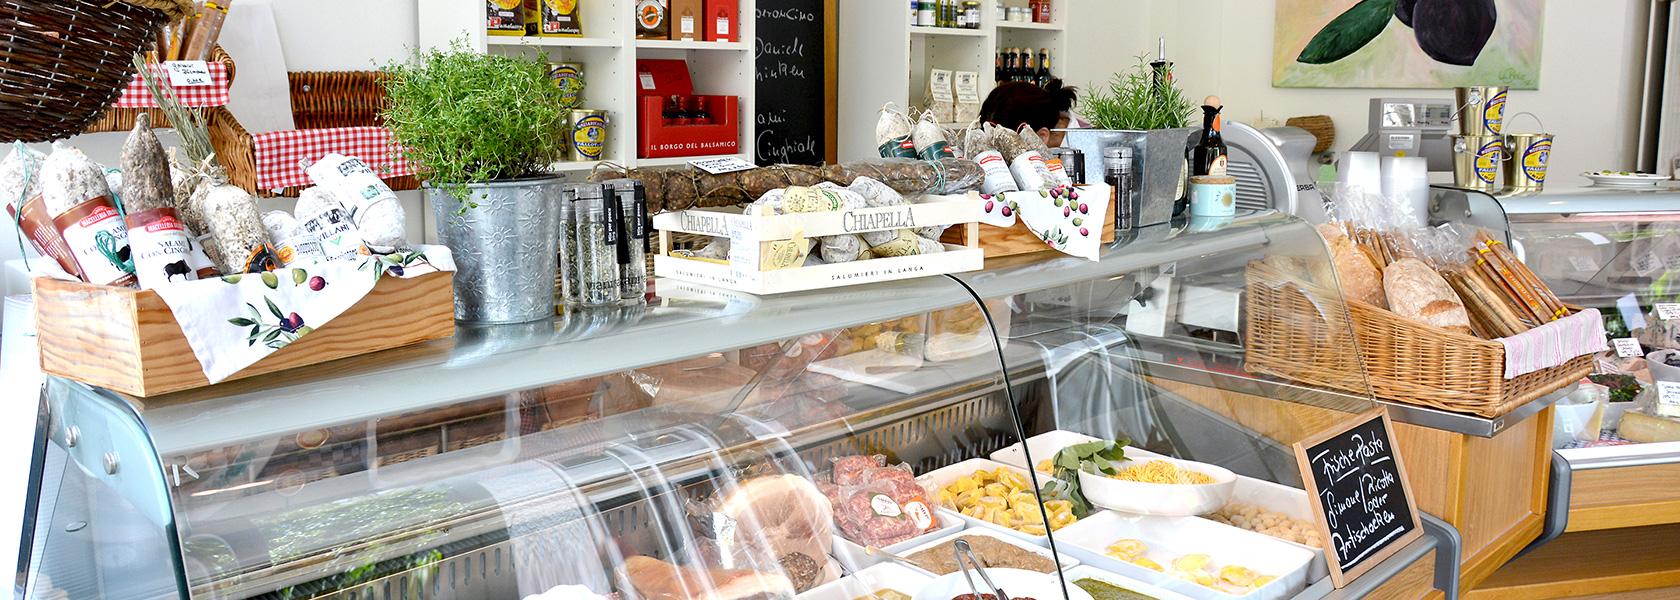 Unsere Produkte. A Tavola Mediterrane Feinkost, Weinkontor und Catering.